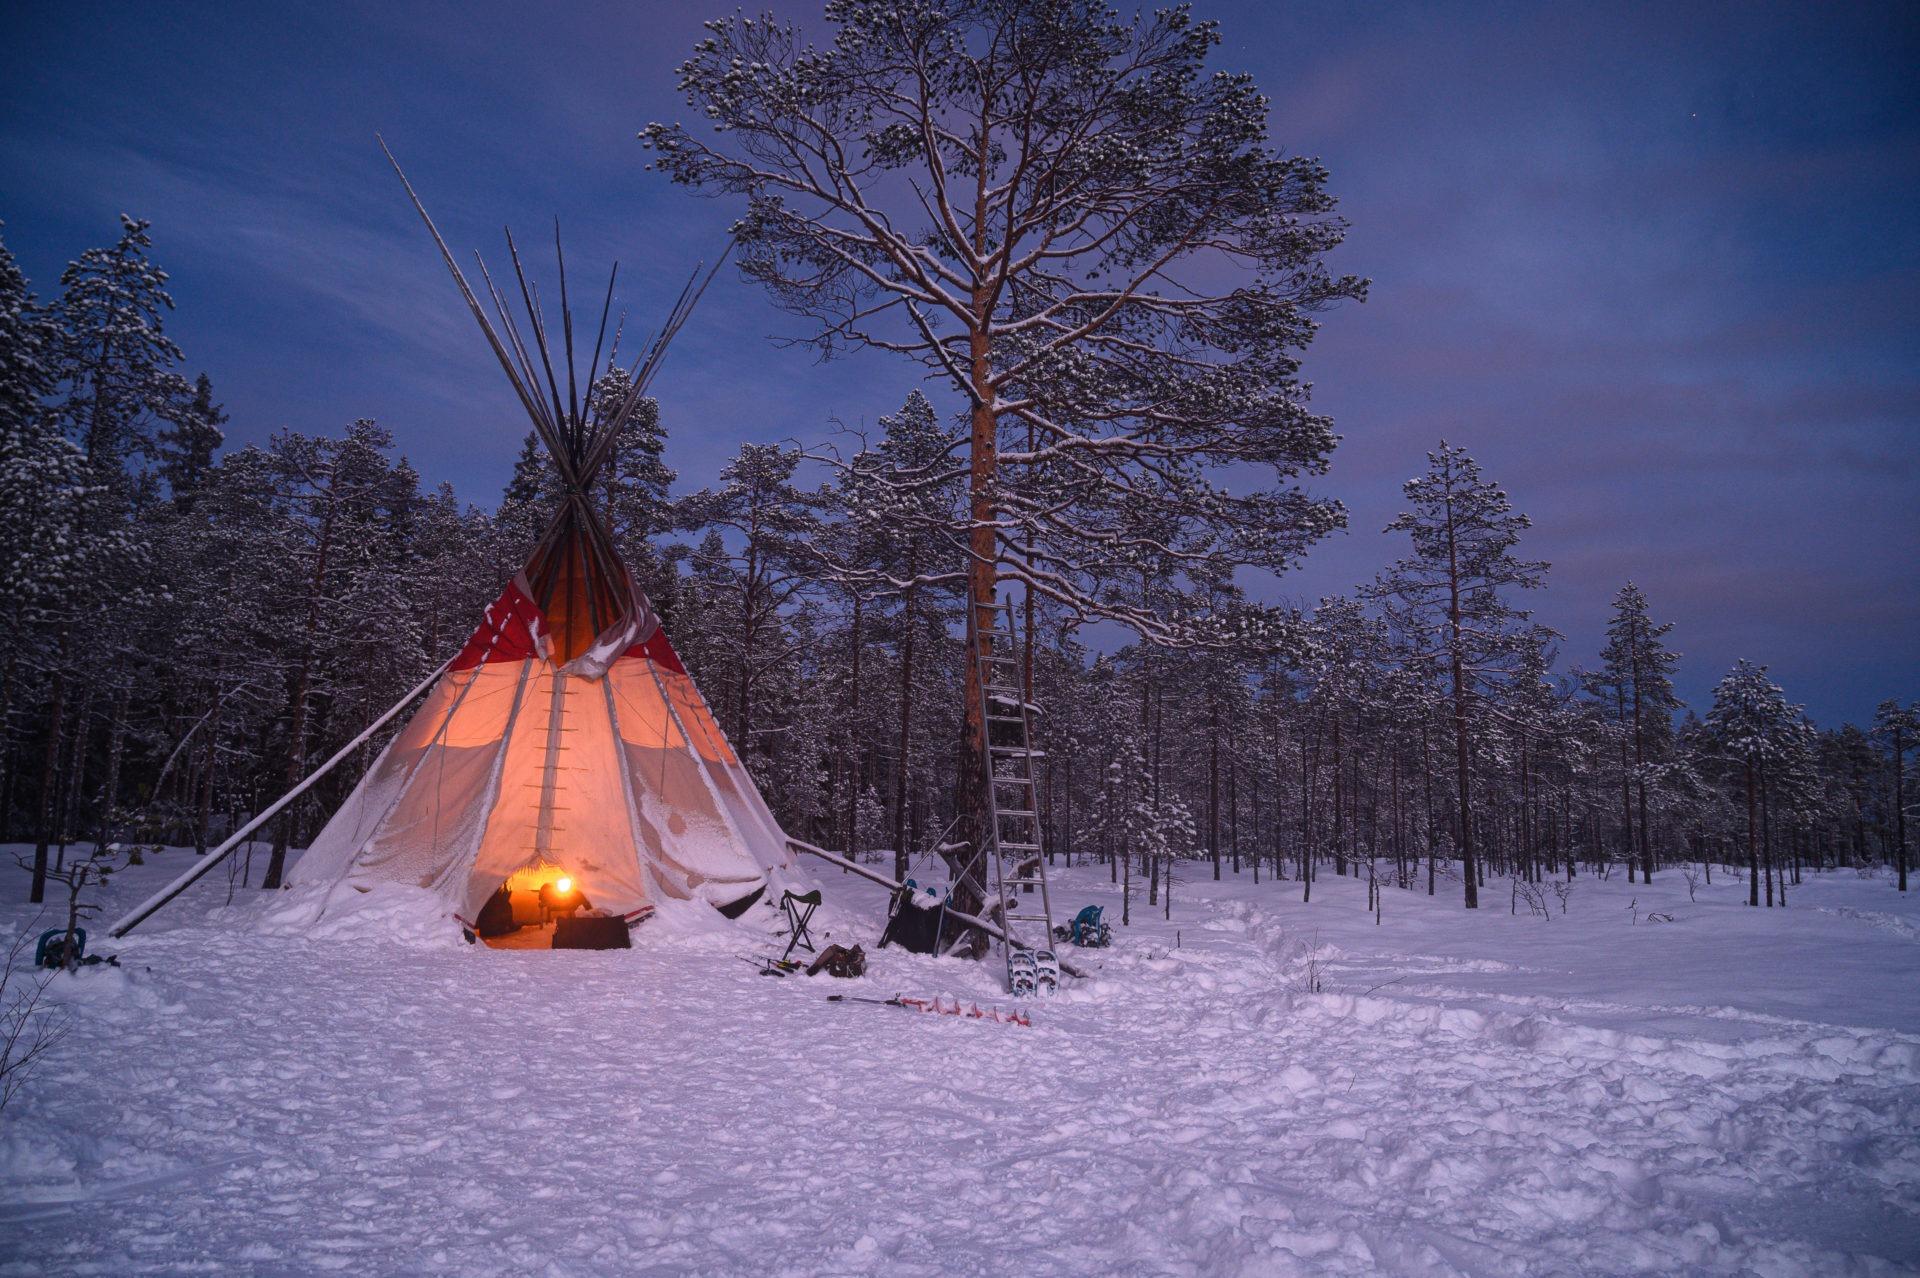 Laponie 2565 - Les globe blogueurs - blog voyage nature